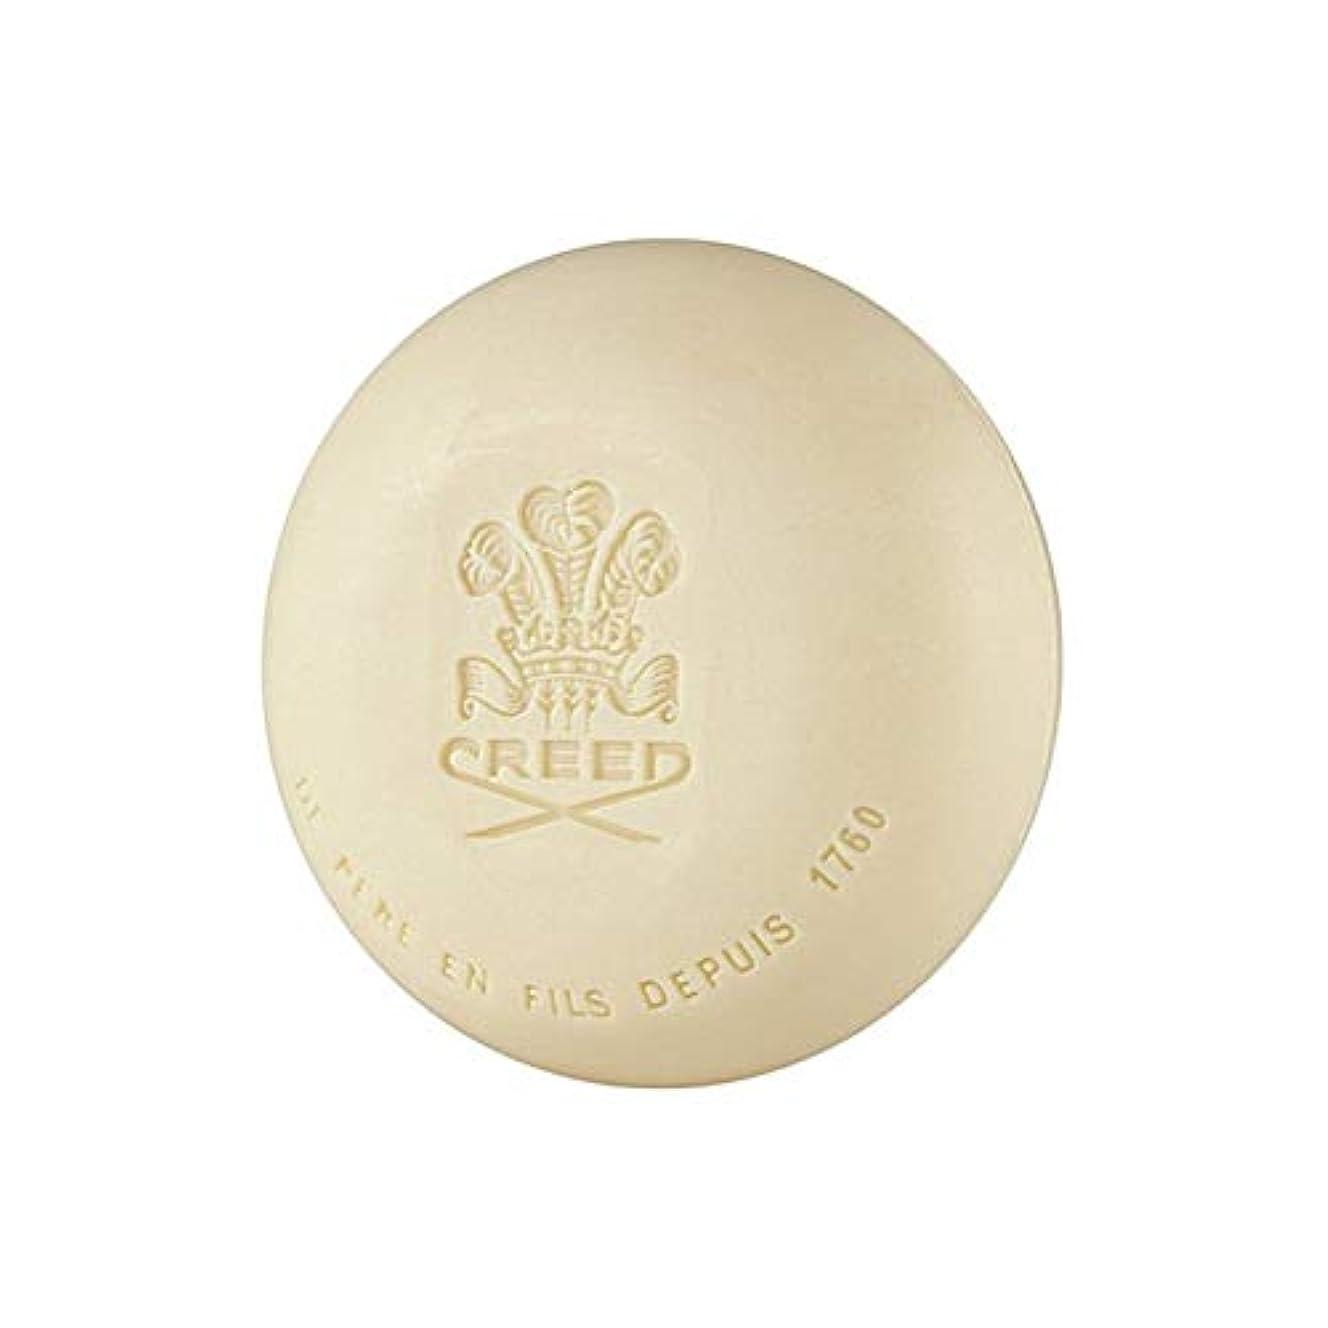 ブロック消化大西洋[Creed ] 信条元サンタル石鹸150グラム - Creed Original Santal Soap 150G [並行輸入品]